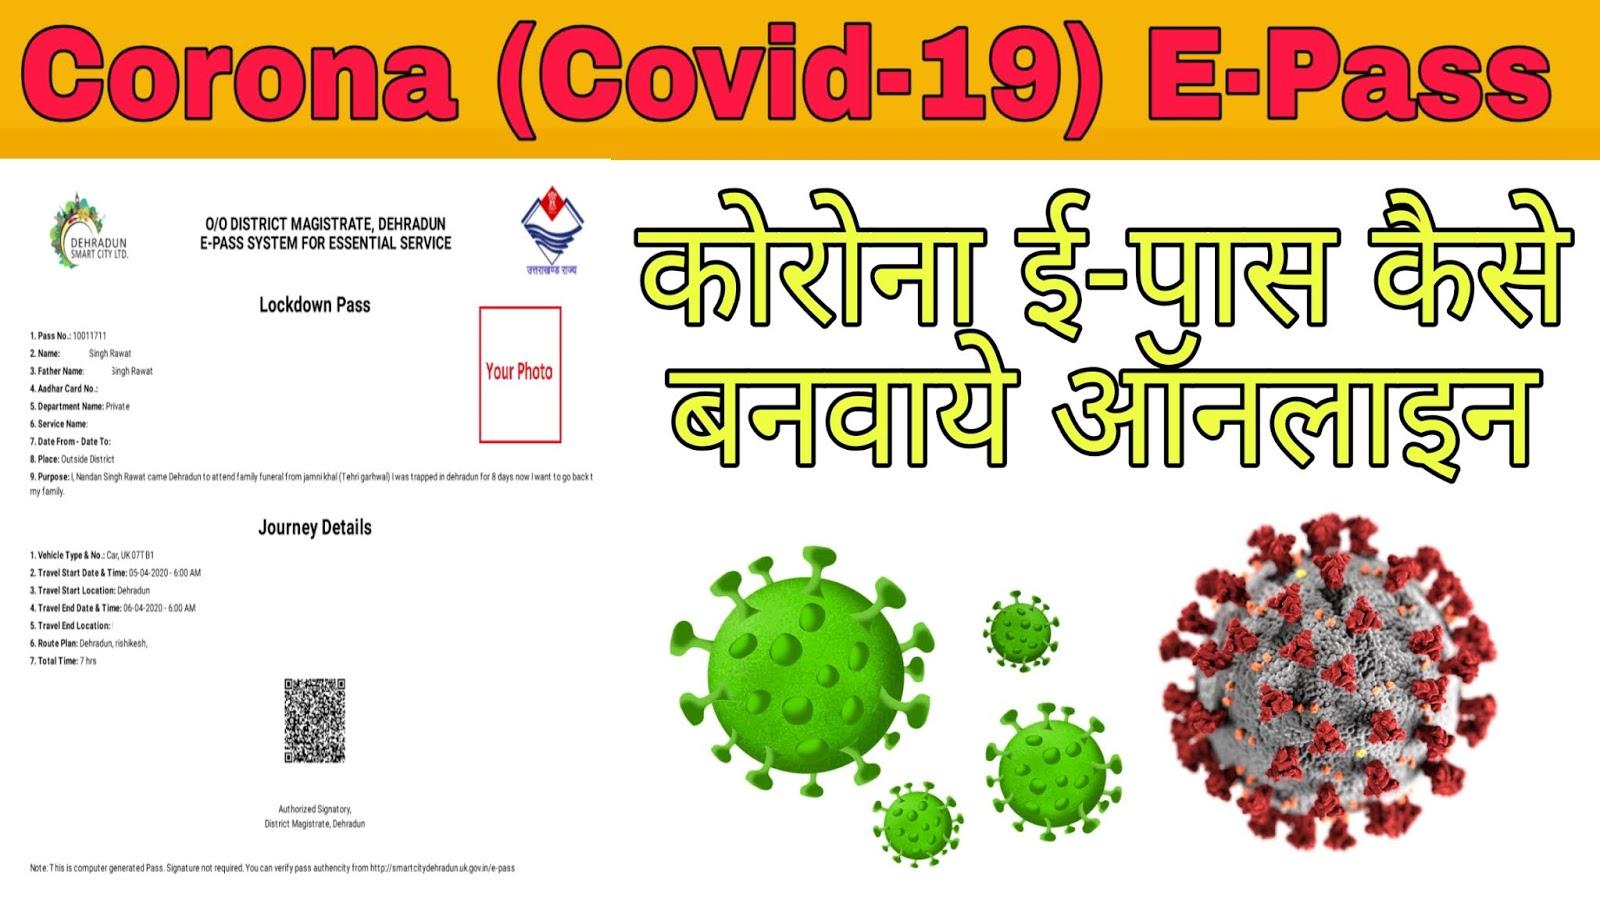 कोरोना ई-पास कैसे बनवायें ऑनलाइन | COVID-19 E-Pass Apply Online { State Wise } कर्फ्यू पास, आरोग्य सेतु ई पास